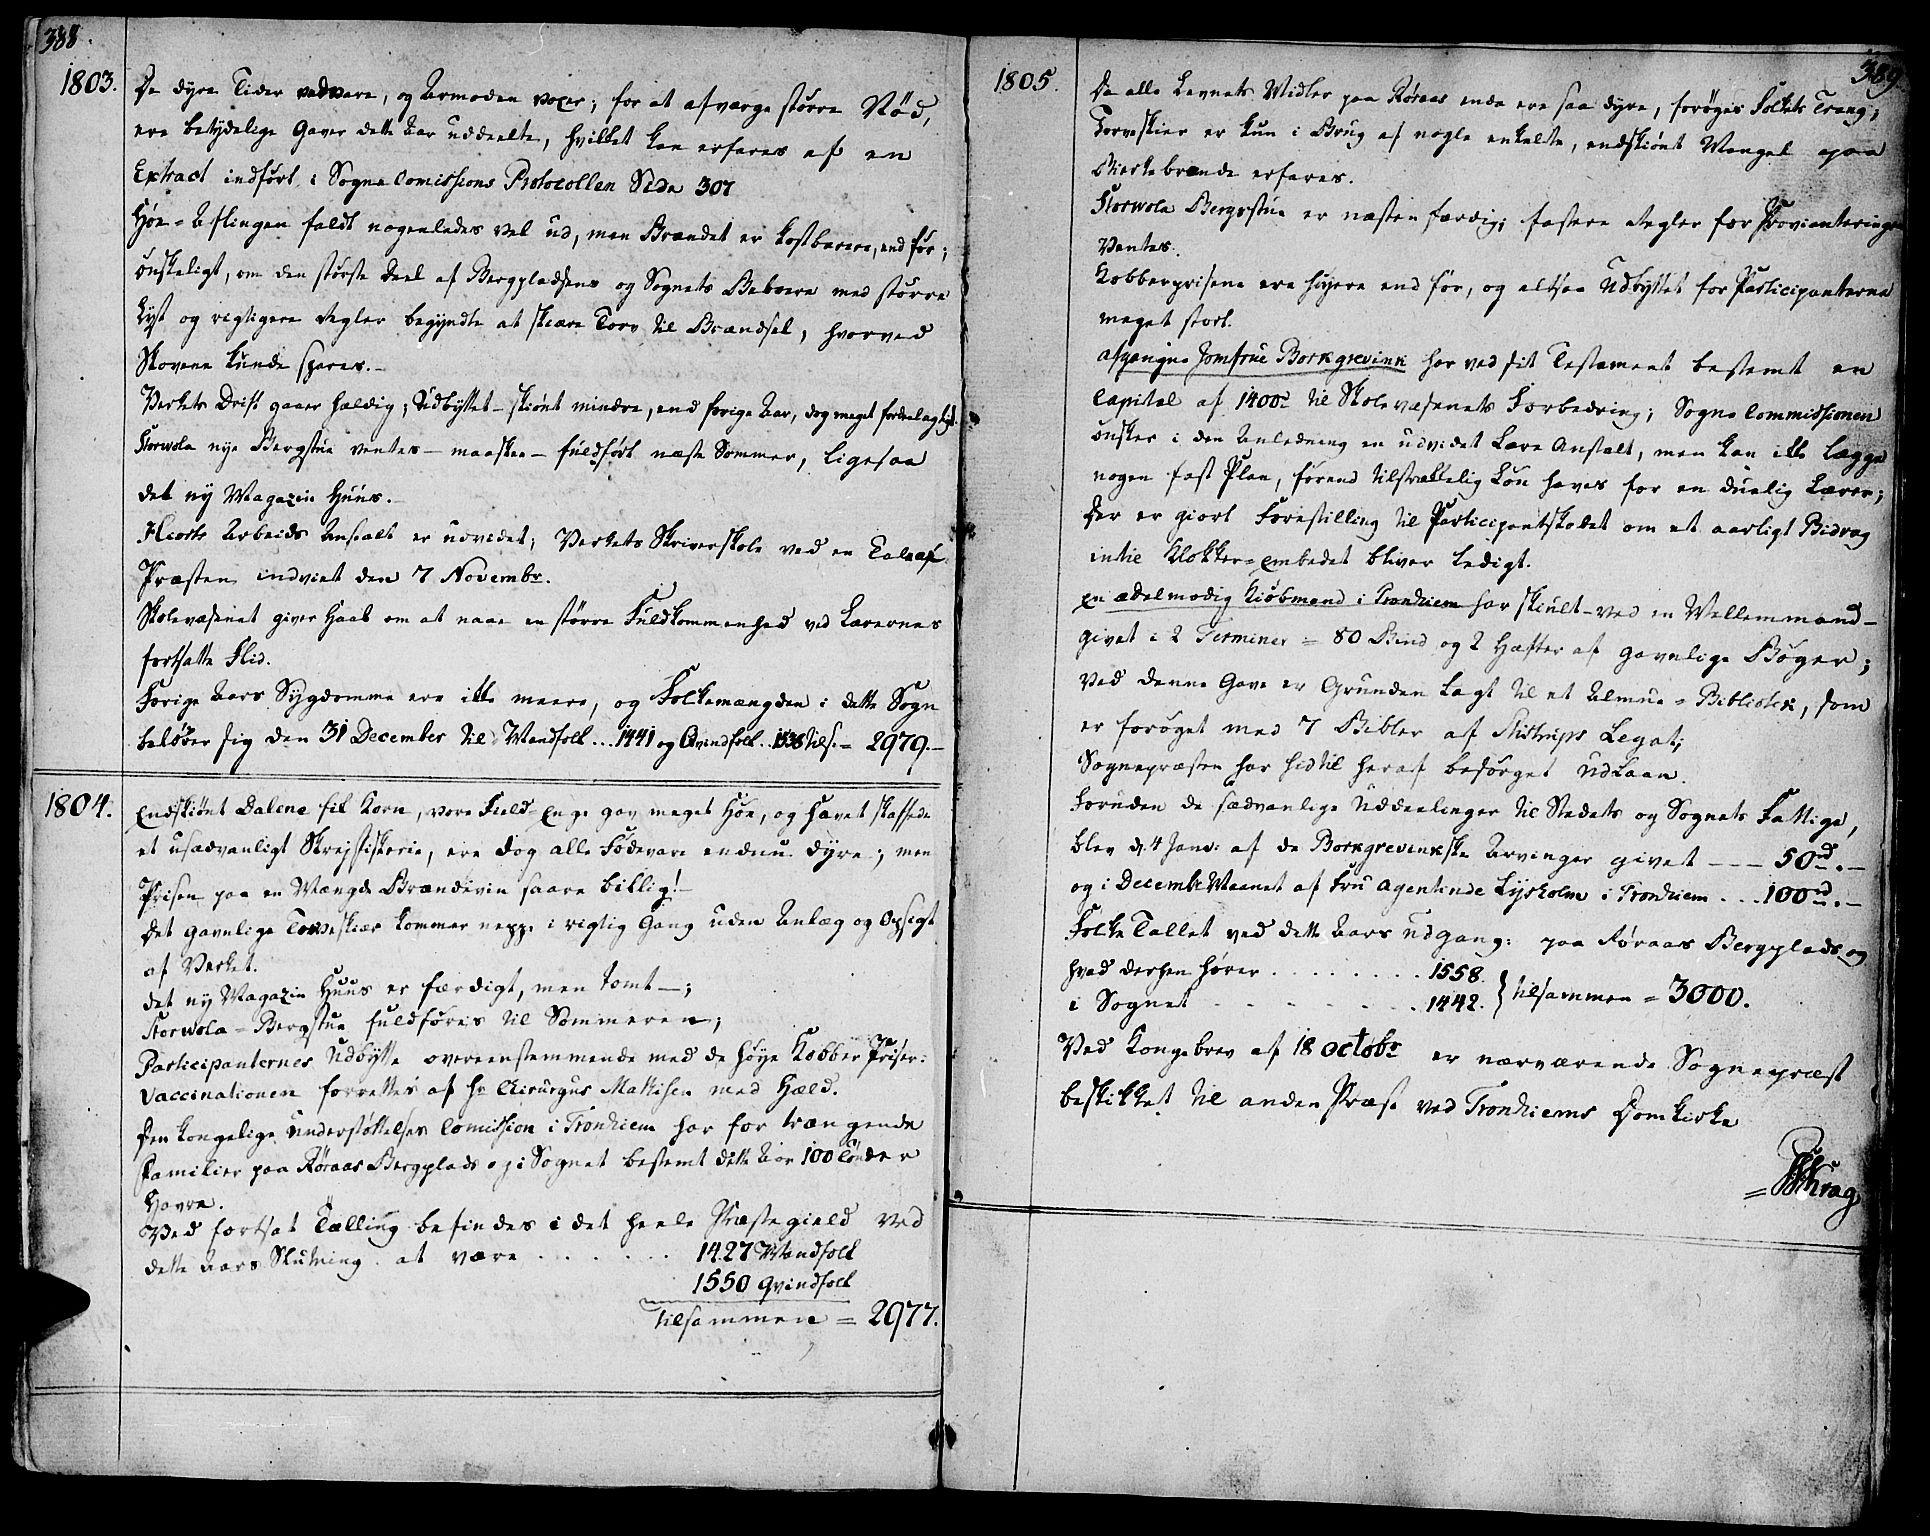 SAT, Ministerialprotokoller, klokkerbøker og fødselsregistre - Sør-Trøndelag, 681/L0927: Ministerialbok nr. 681A05, 1798-1808, s. 388-389